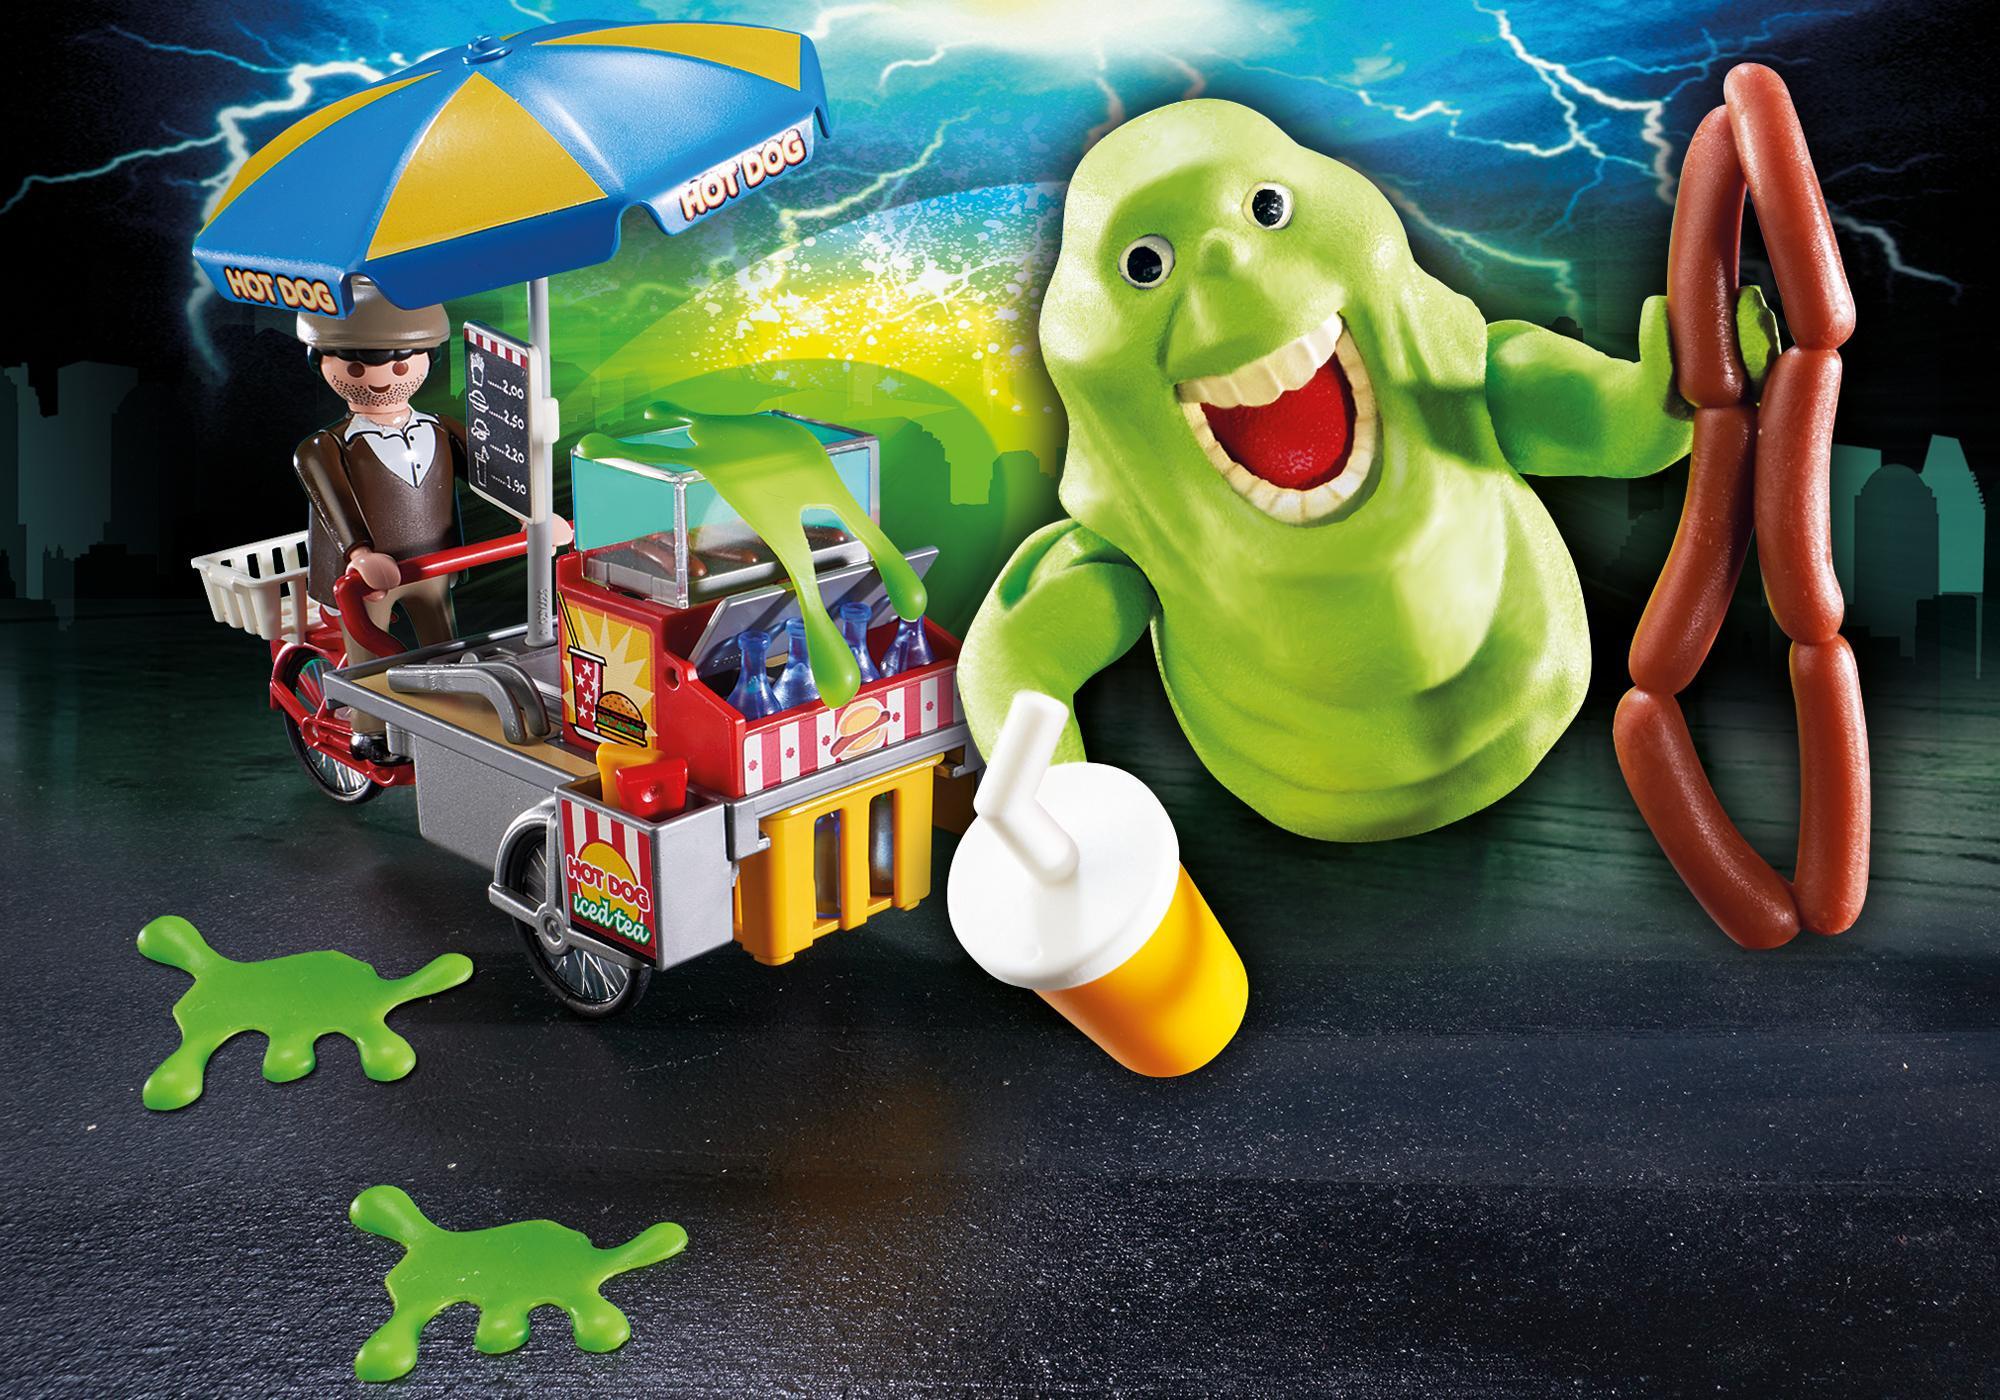 http://media.playmobil.com/i/playmobil/9222_product_extra1/Slimer com Stand de Hot Dog